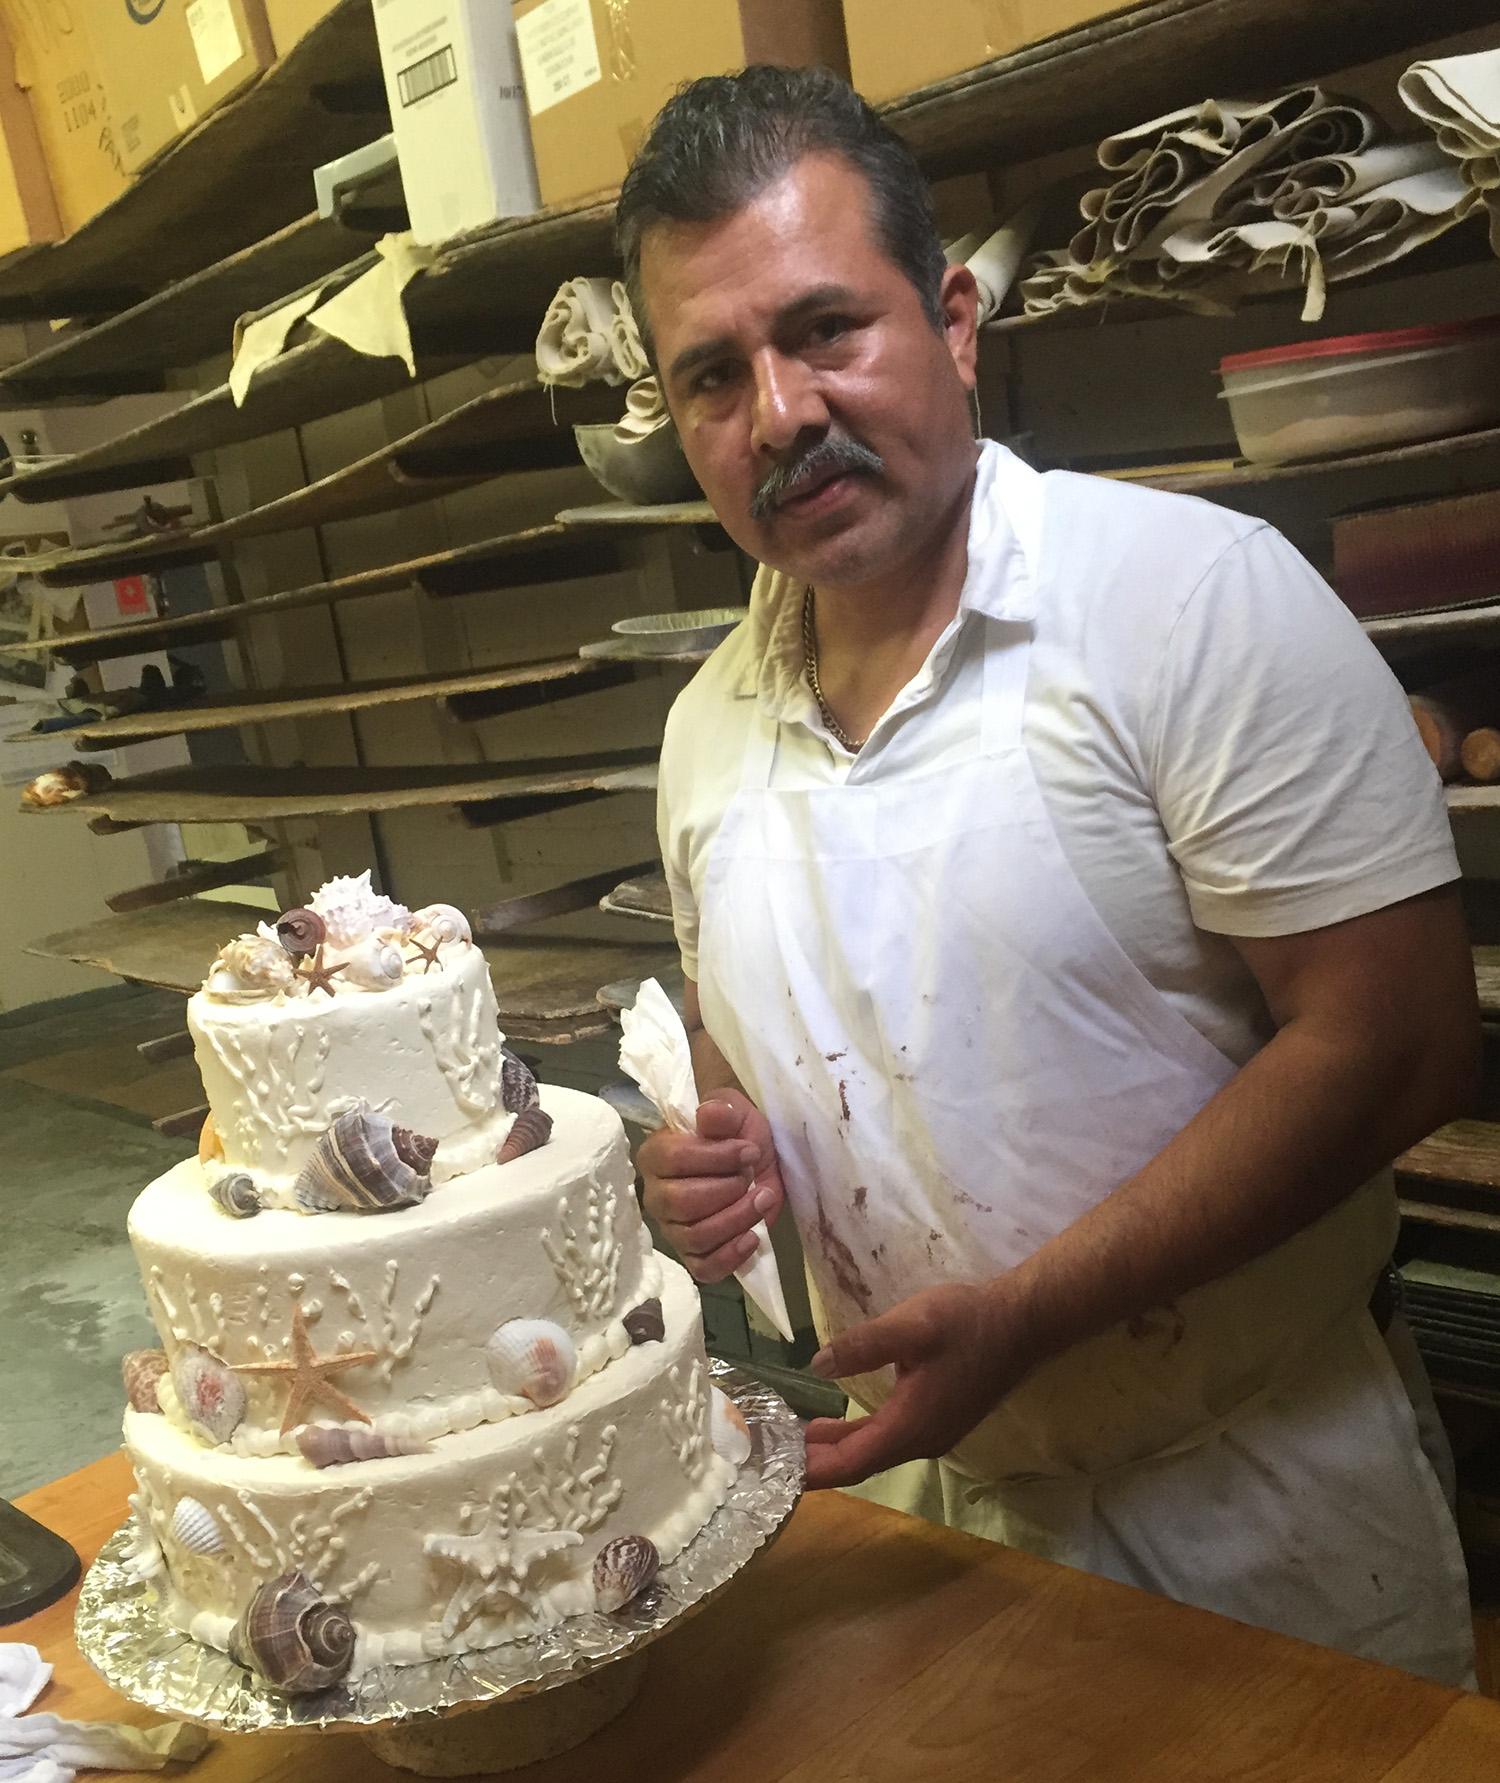 desi-sanchez-owner-hmb-bakery.jpg